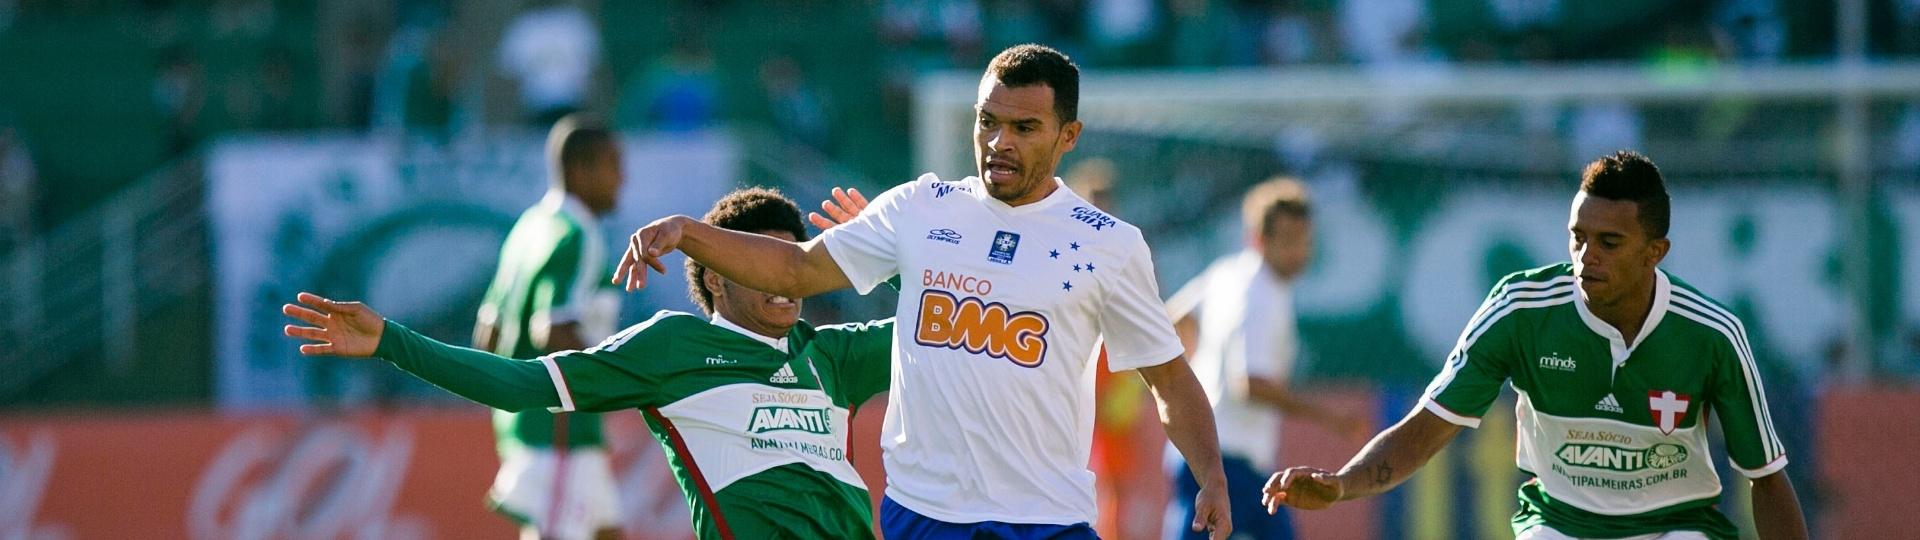 Ceará, lateral do Cruzeiro, tenta escapar da marcação de jogadores do Palmeiras em jogo no Pacaembu